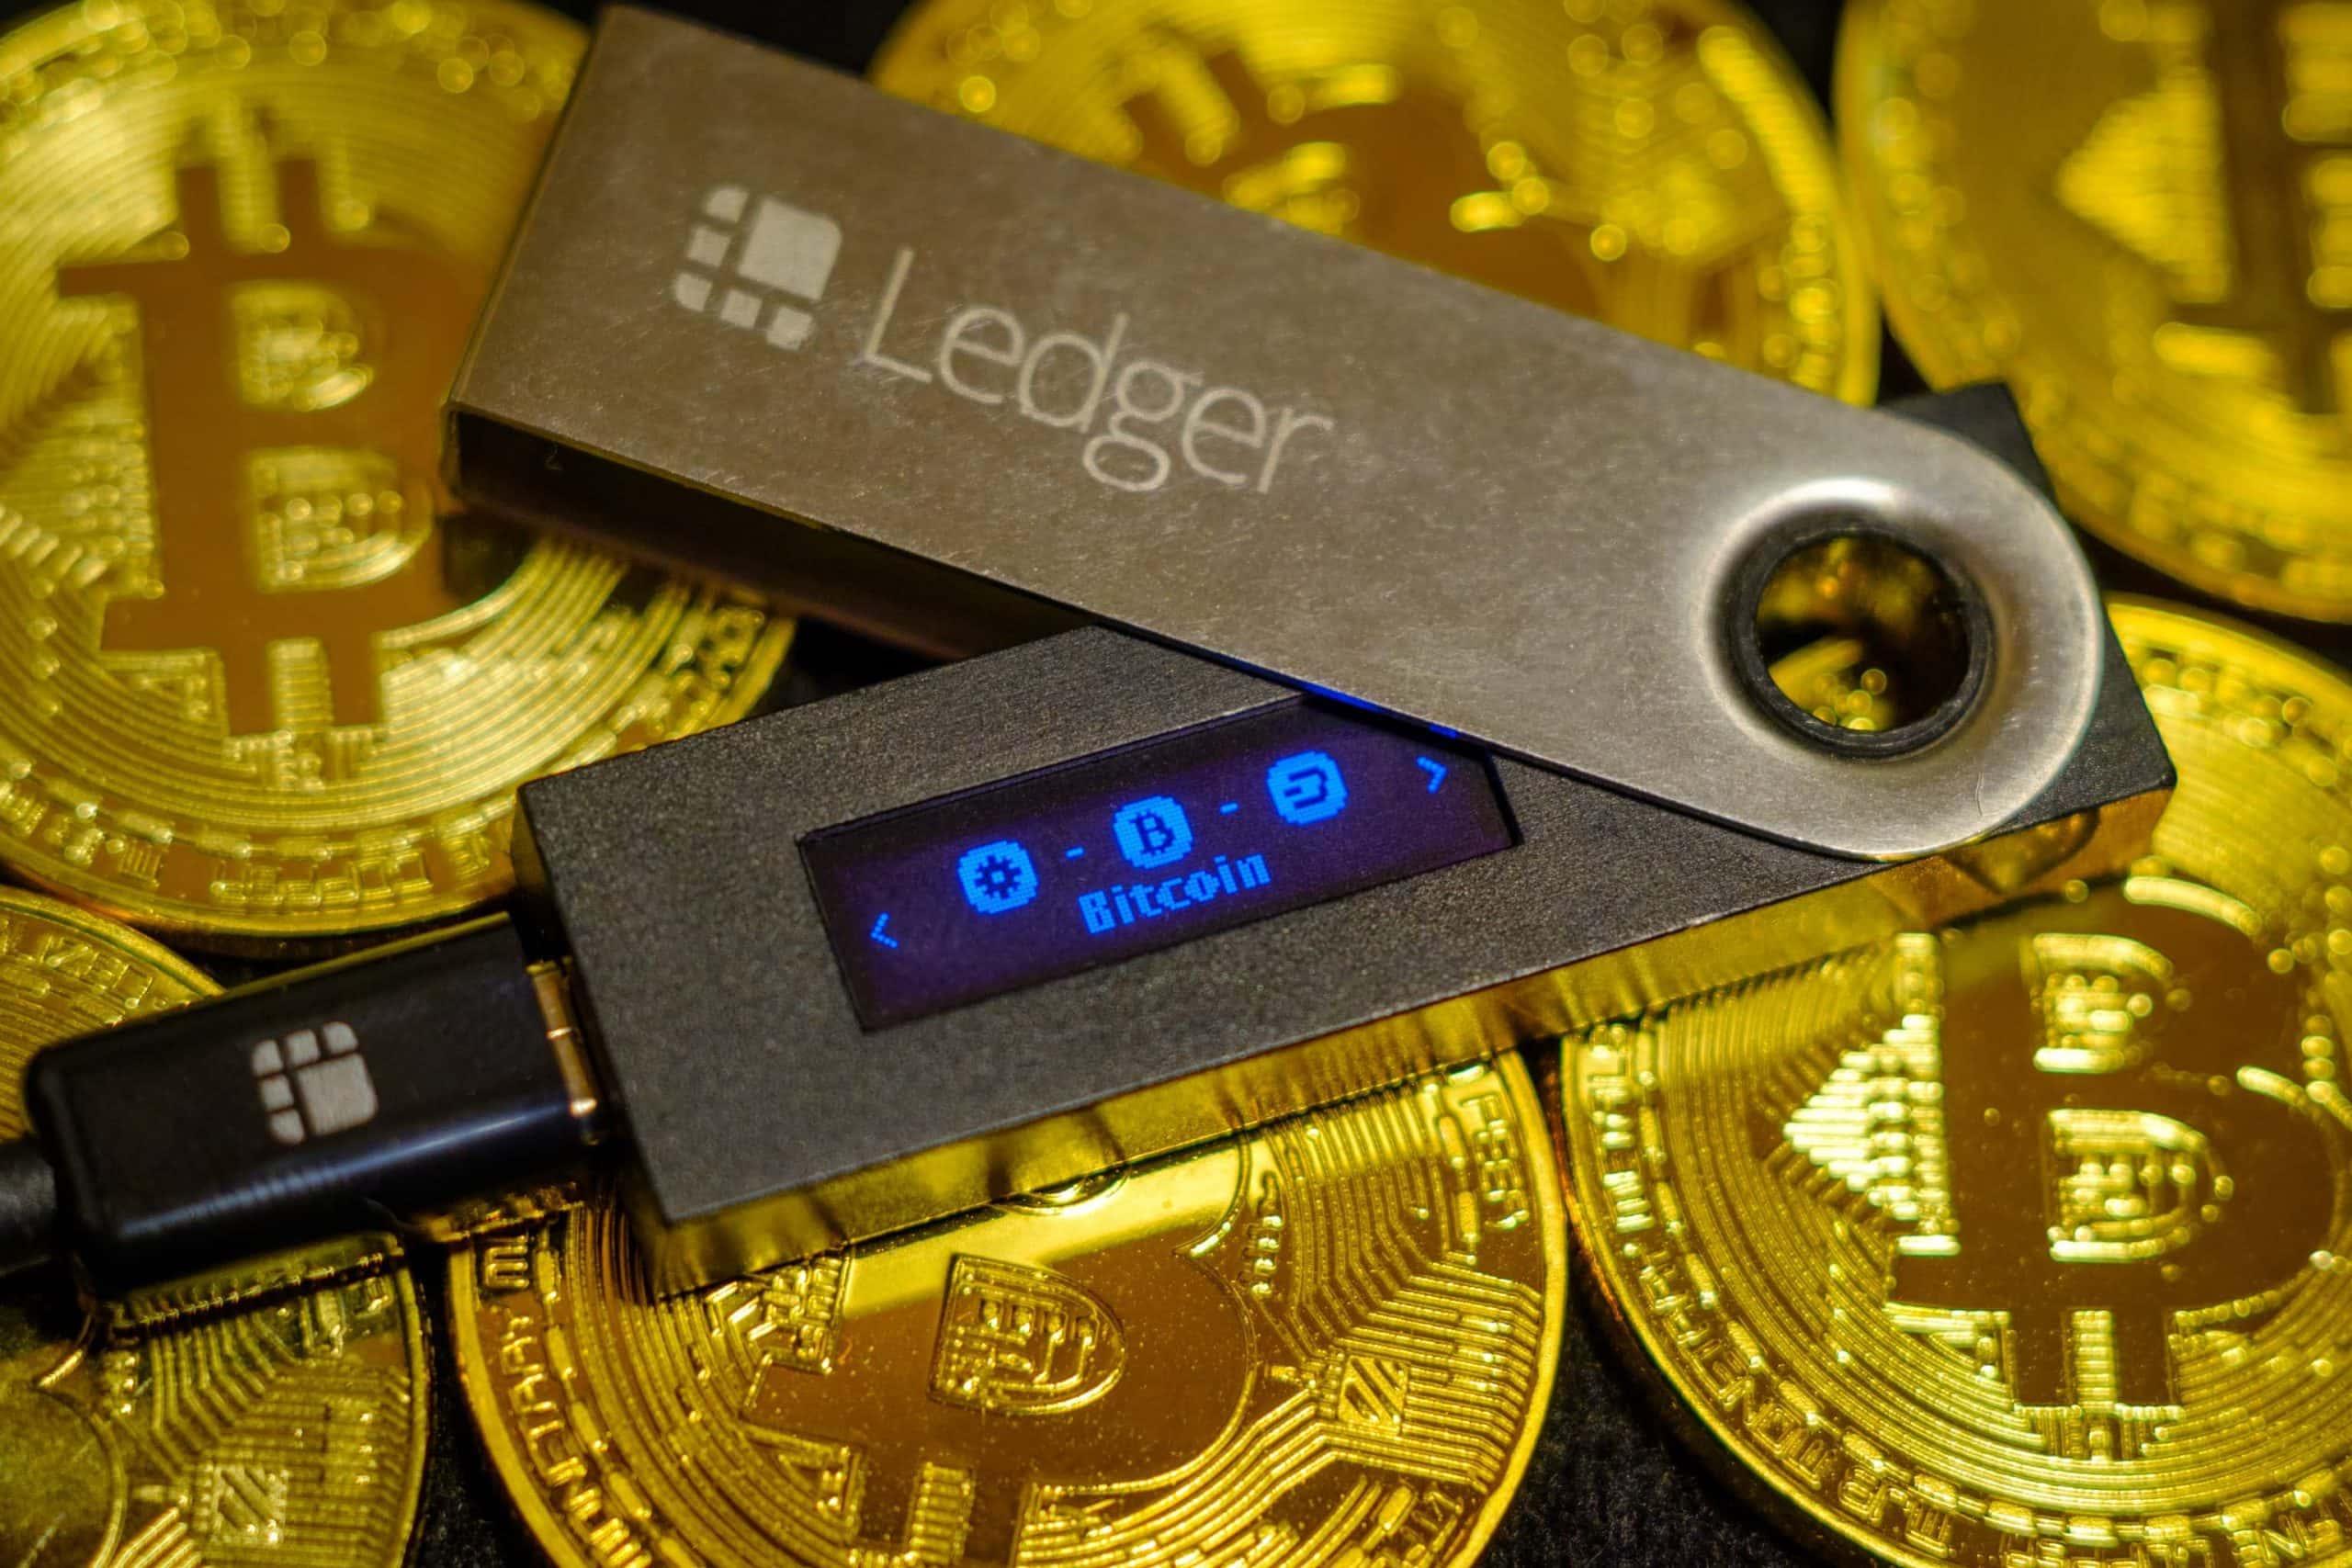 Eine Ledger-Hardware-Wallet liegt auf Bitcoin-Münzen